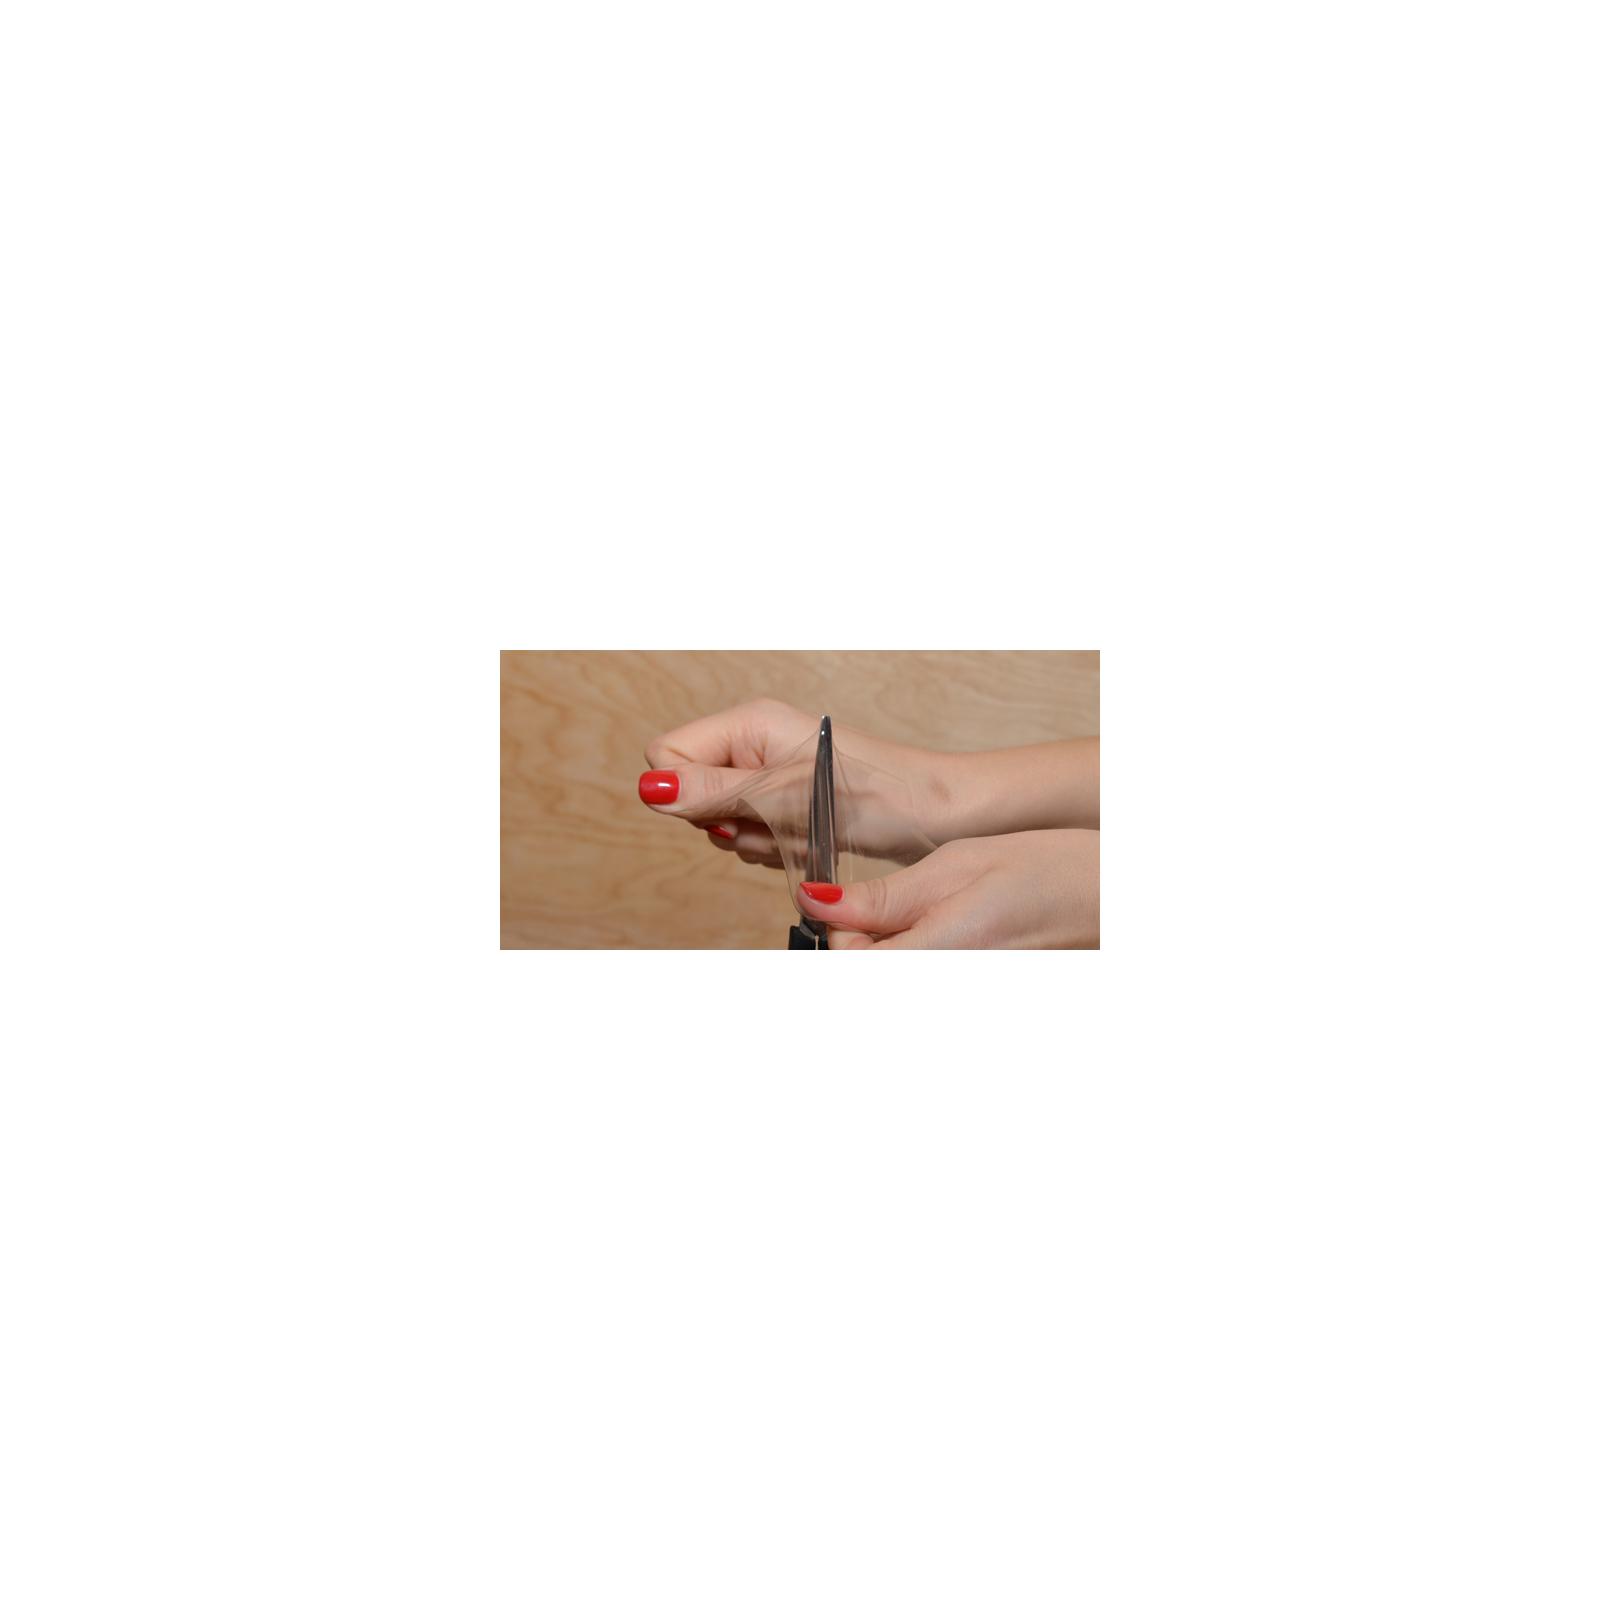 Пленка защитная JINN ультрапрочная Magic Screen для Sony Xperia T2 Ultra D5303 (Sony Xperia T2 Ultra front+back) изображение 4